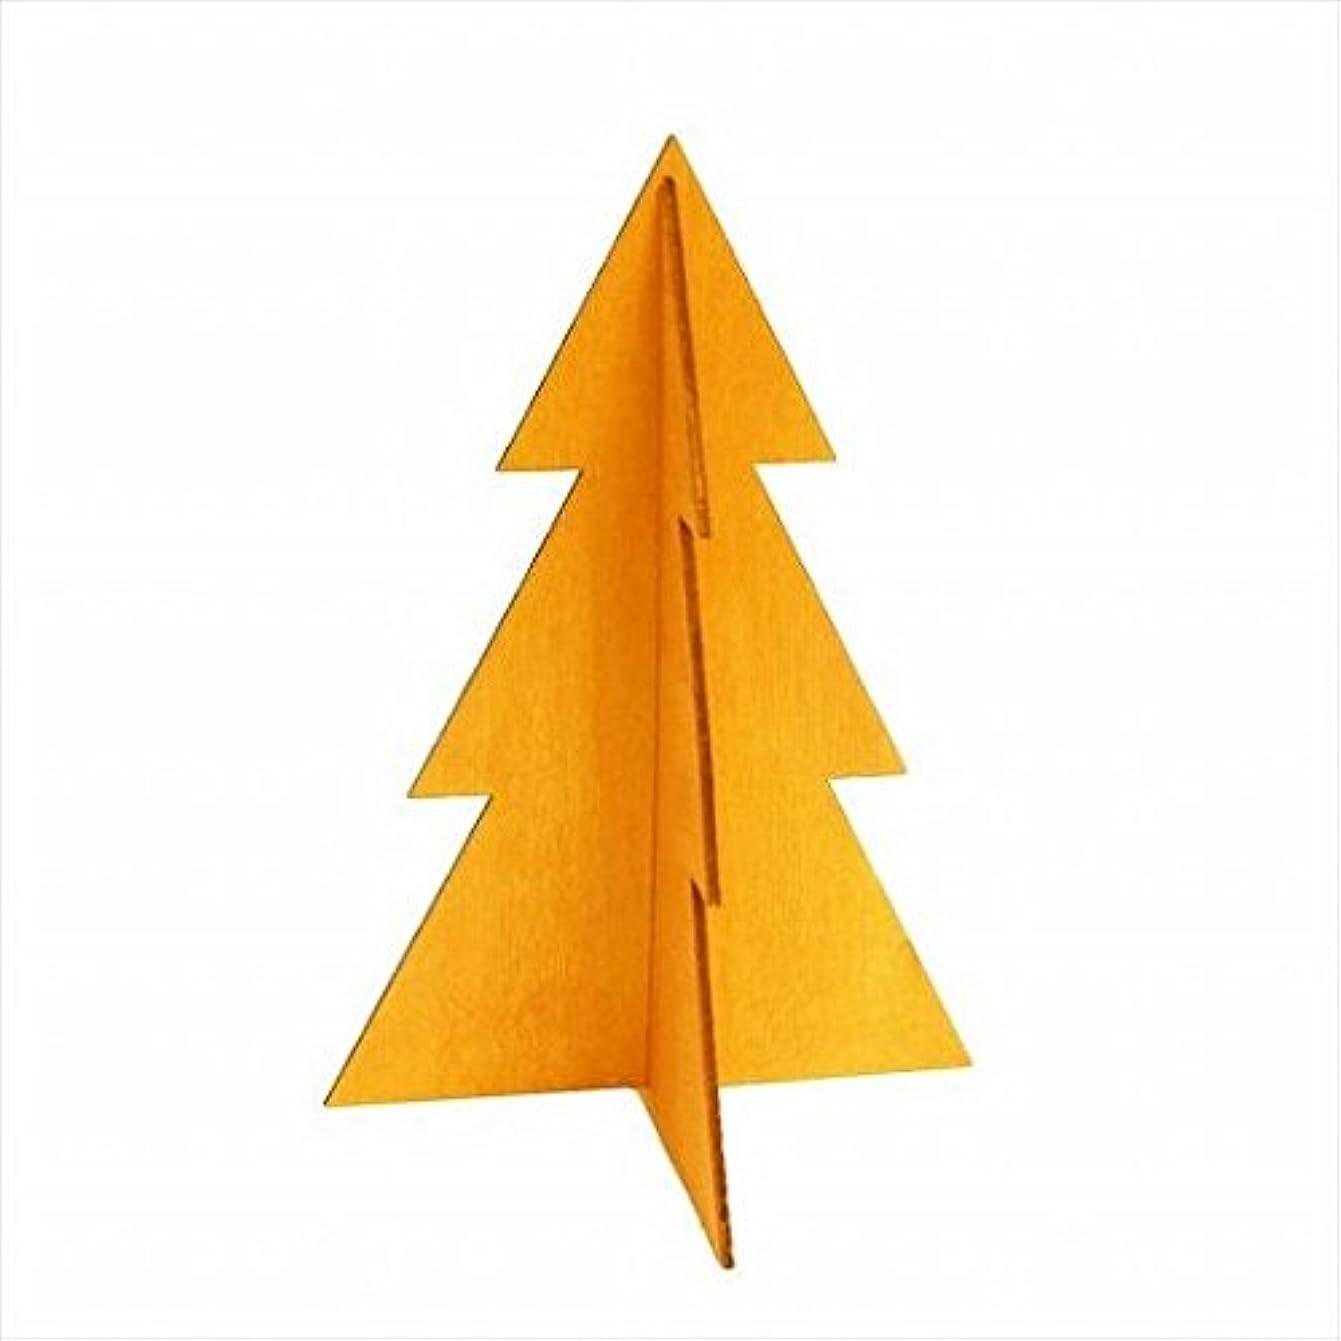 ベーリング海峡ポスター受信機kameyama candle(カメヤマキャンドル) フェスティブツリーM 「 オレンジ 」 キャンドル 144x144x210mm (I882243009)